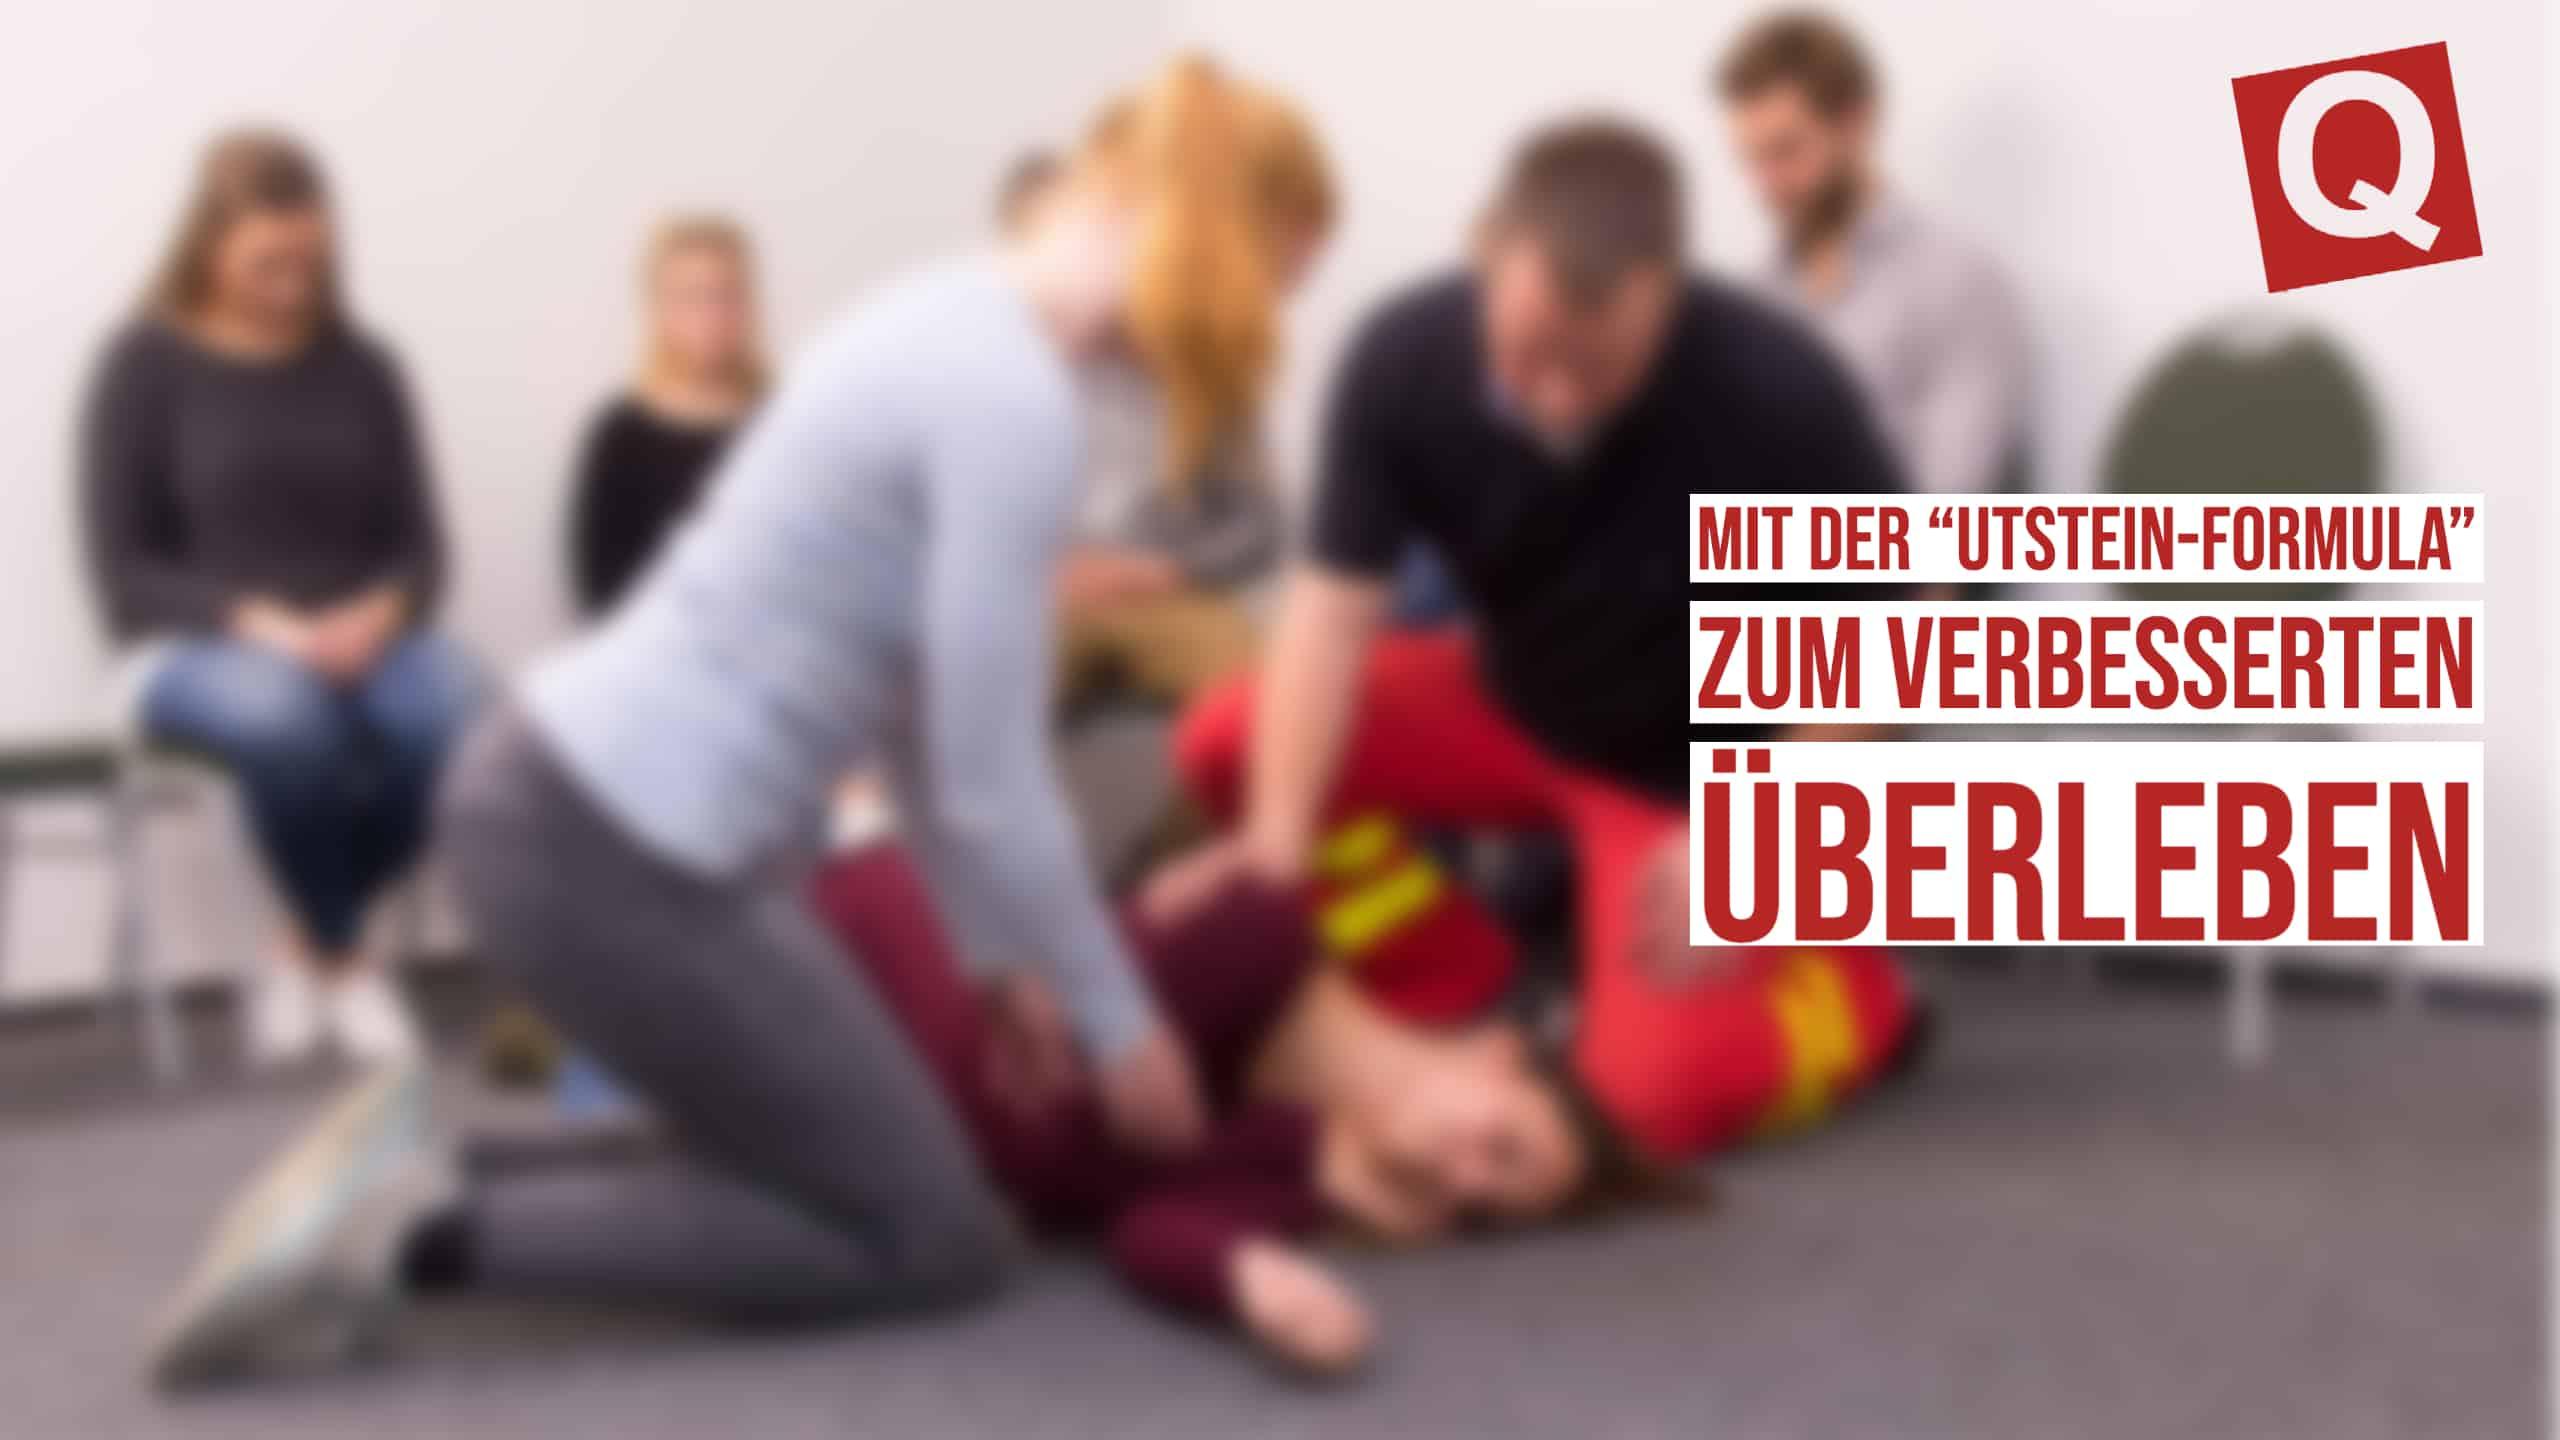 """Mit der """"Utstein-Formula"""" zum verbesserten Überleben"""